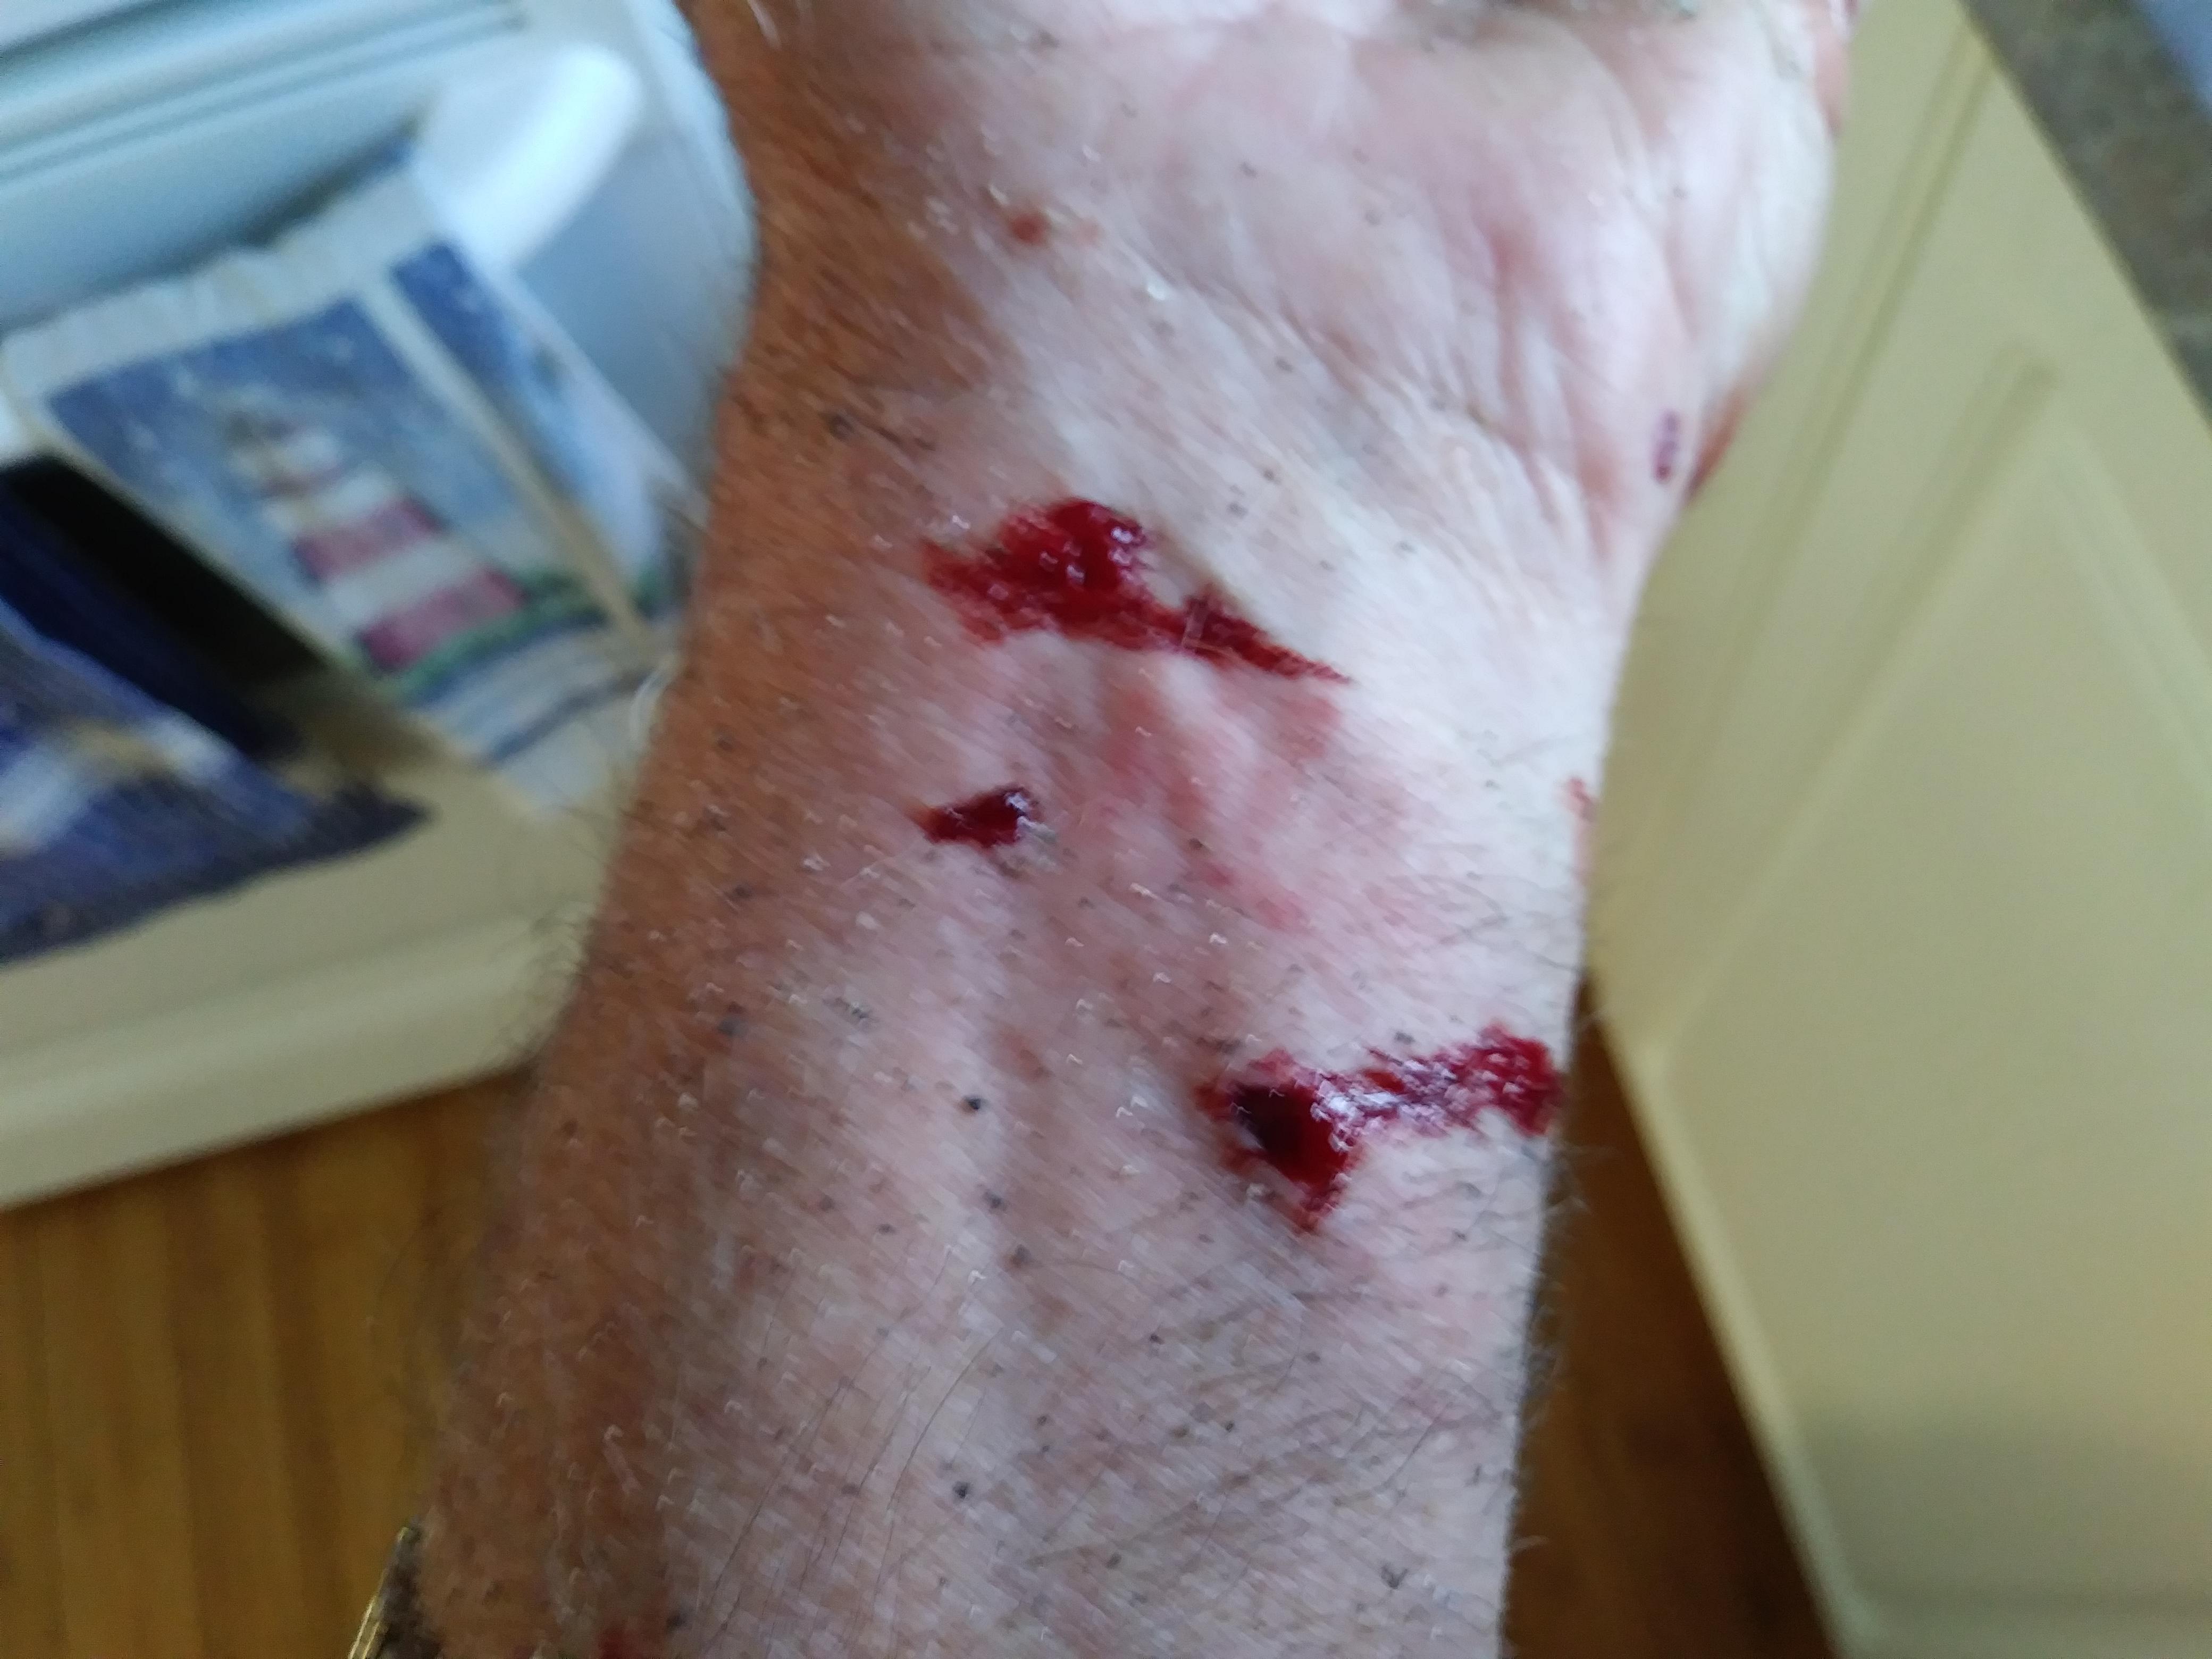 M. Rivest a subi d'autres blessures au bras gauche.